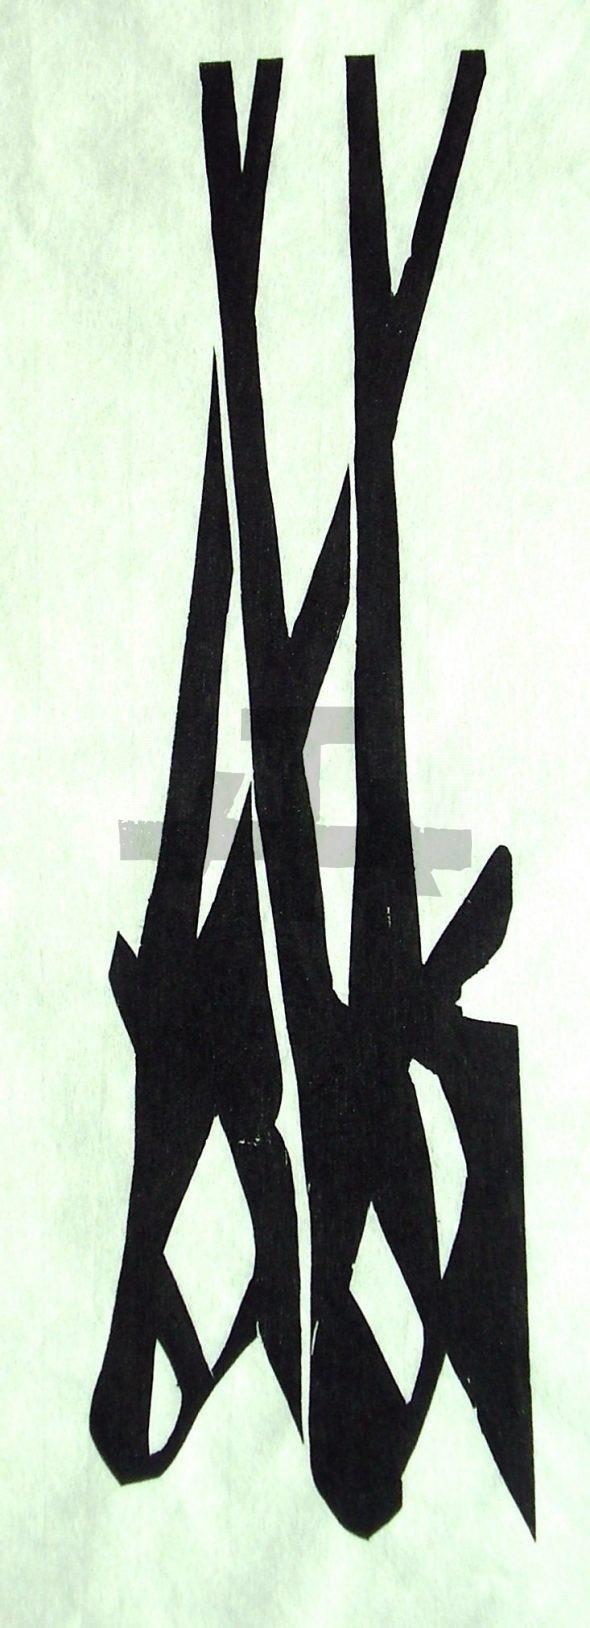 Holzschnitt Oryxköpfe